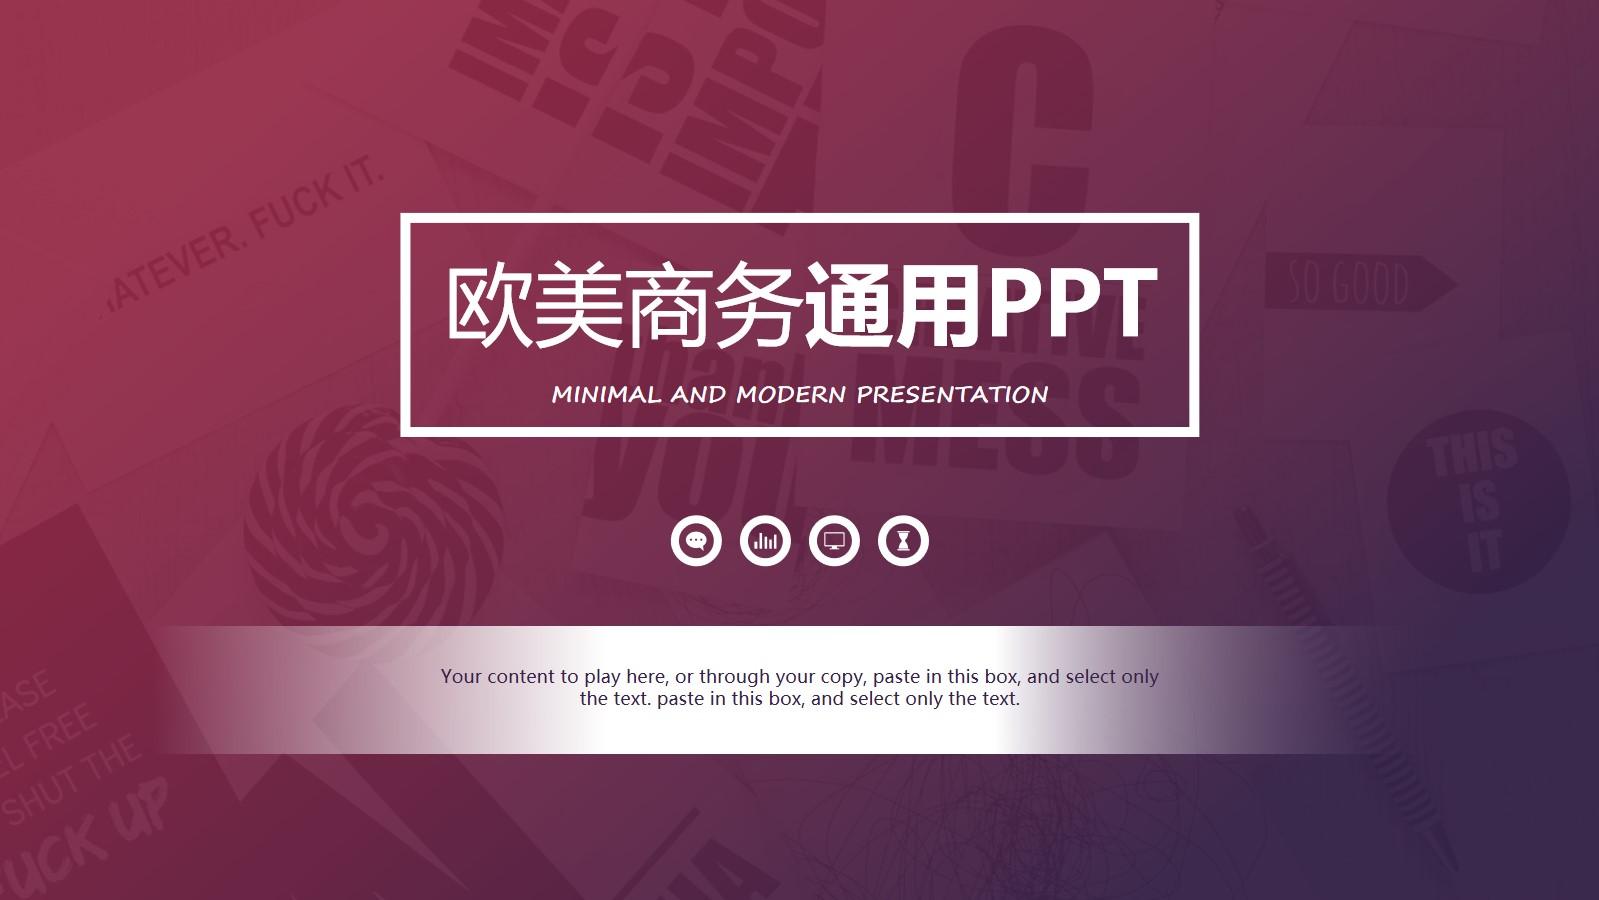 黑色标题简洁风格 欧美商务通用PPT模板